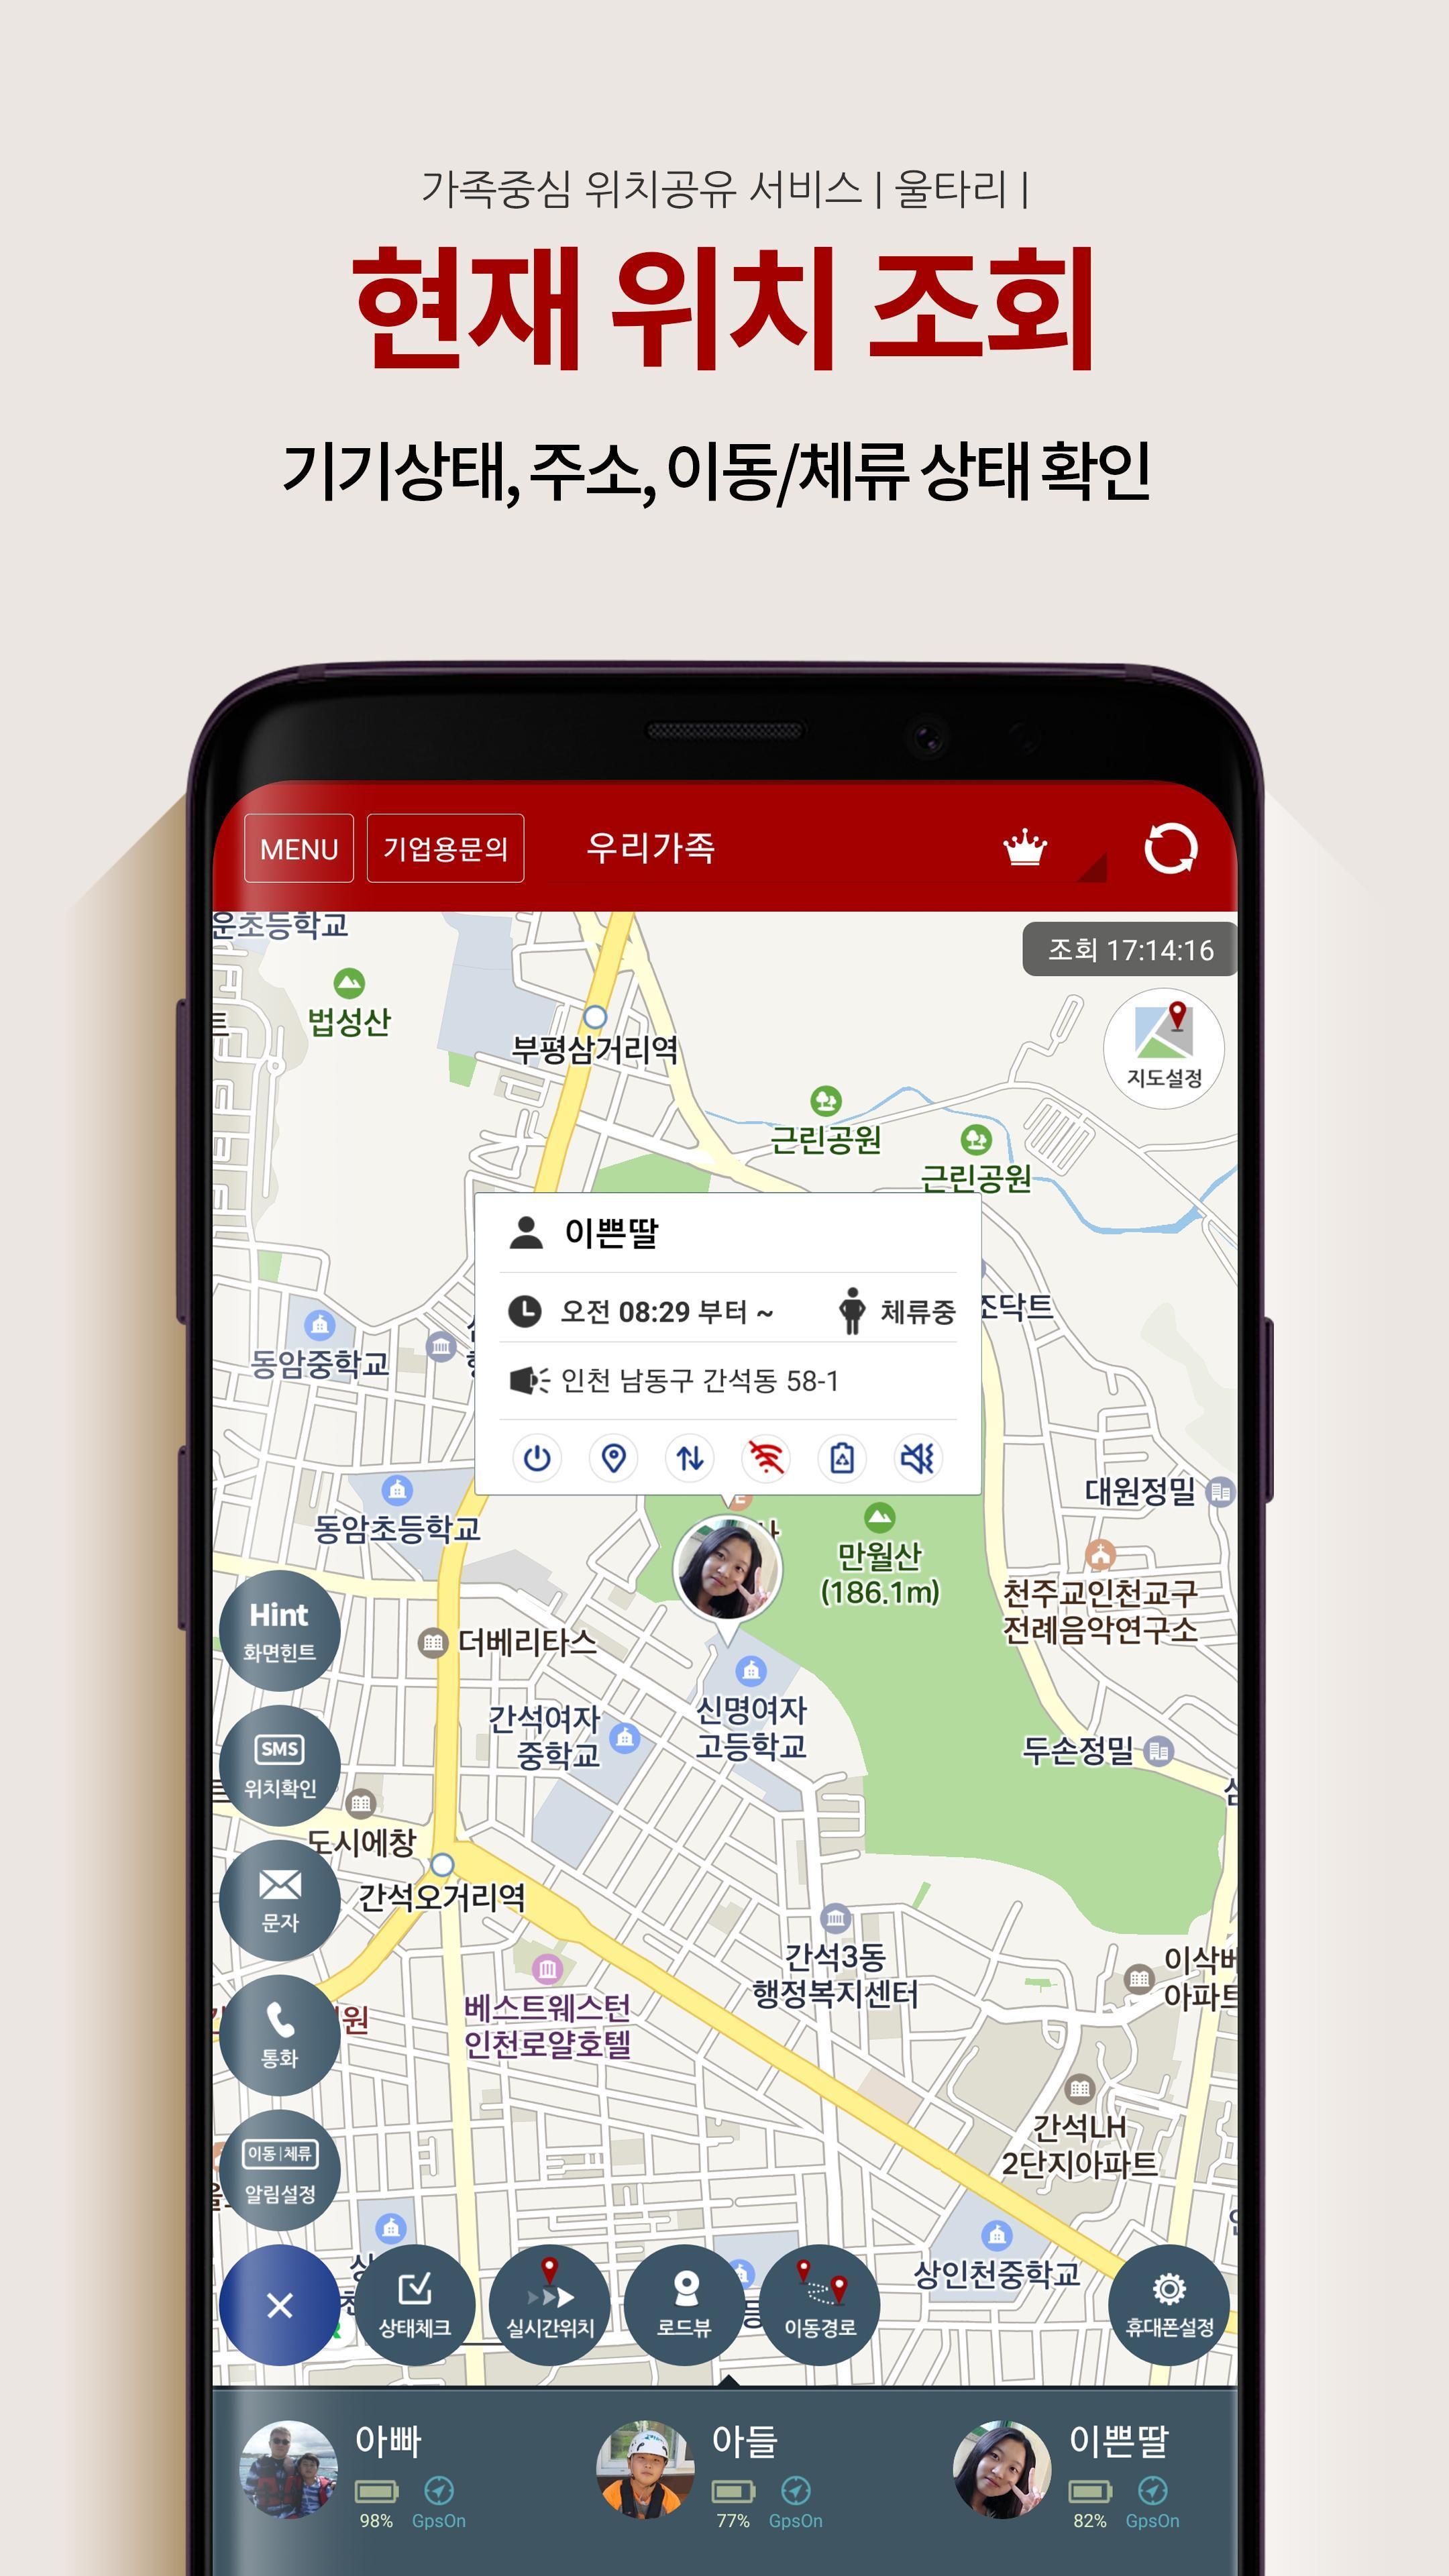 울타리 - 위치추적, 이동경로, 위치공유, 가족위치확인, 위치관제 2 تصوير الشاشة